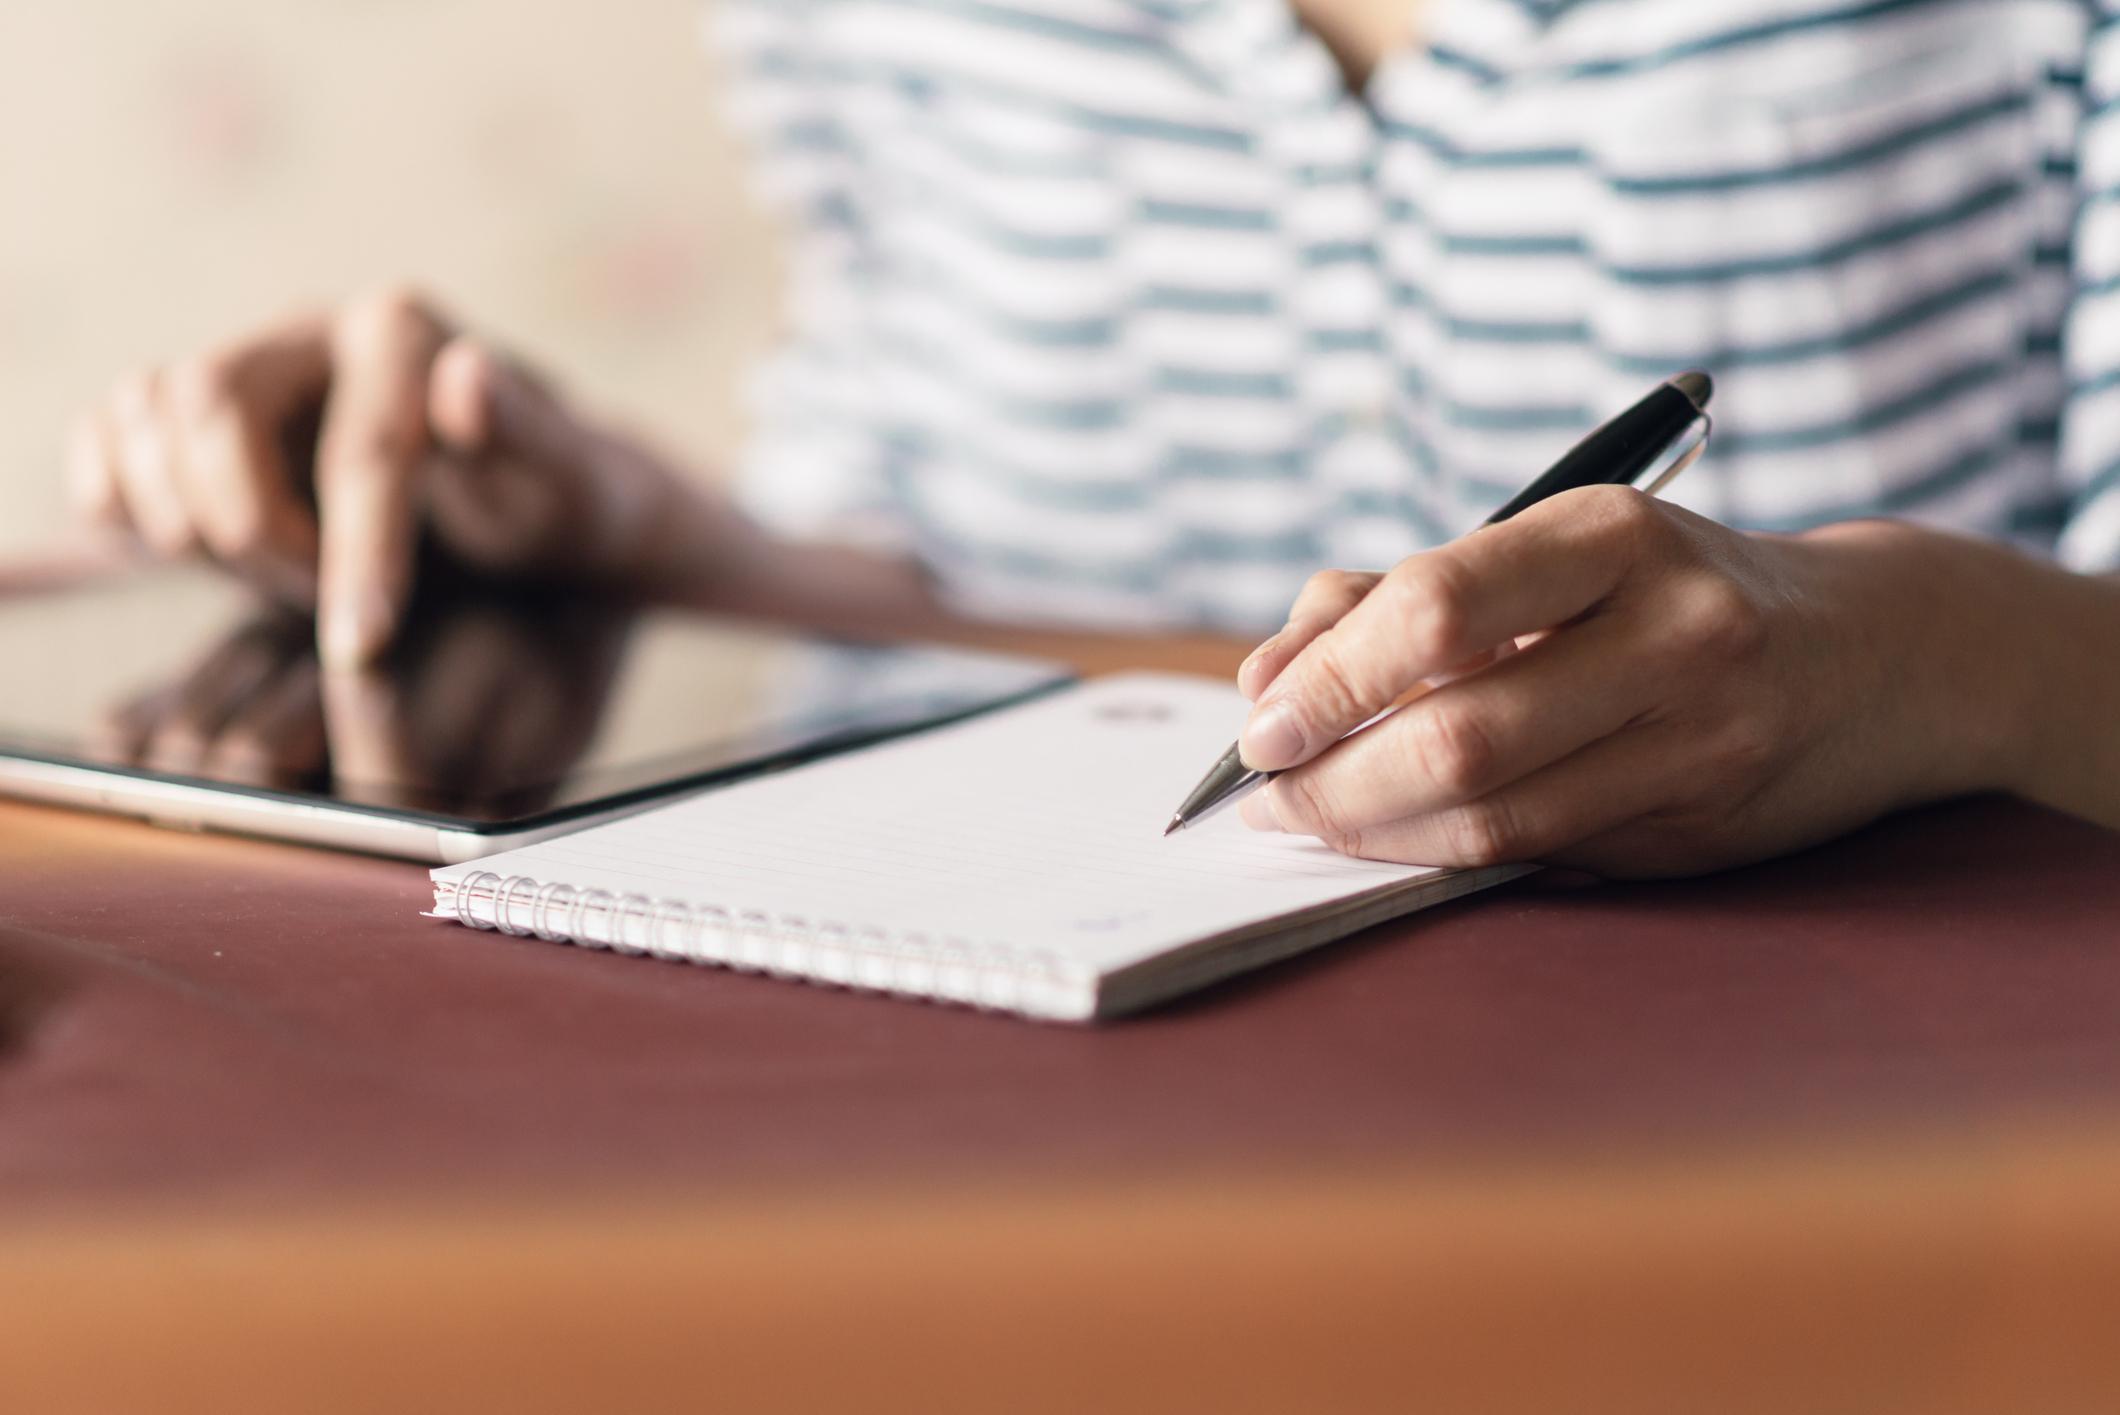 داشتن لیست مجلات داخلی برای چاپ مقاله کار دانشجویان و محققان داخلی برای چاپ مقاله را تسهیل خواهد کرد.